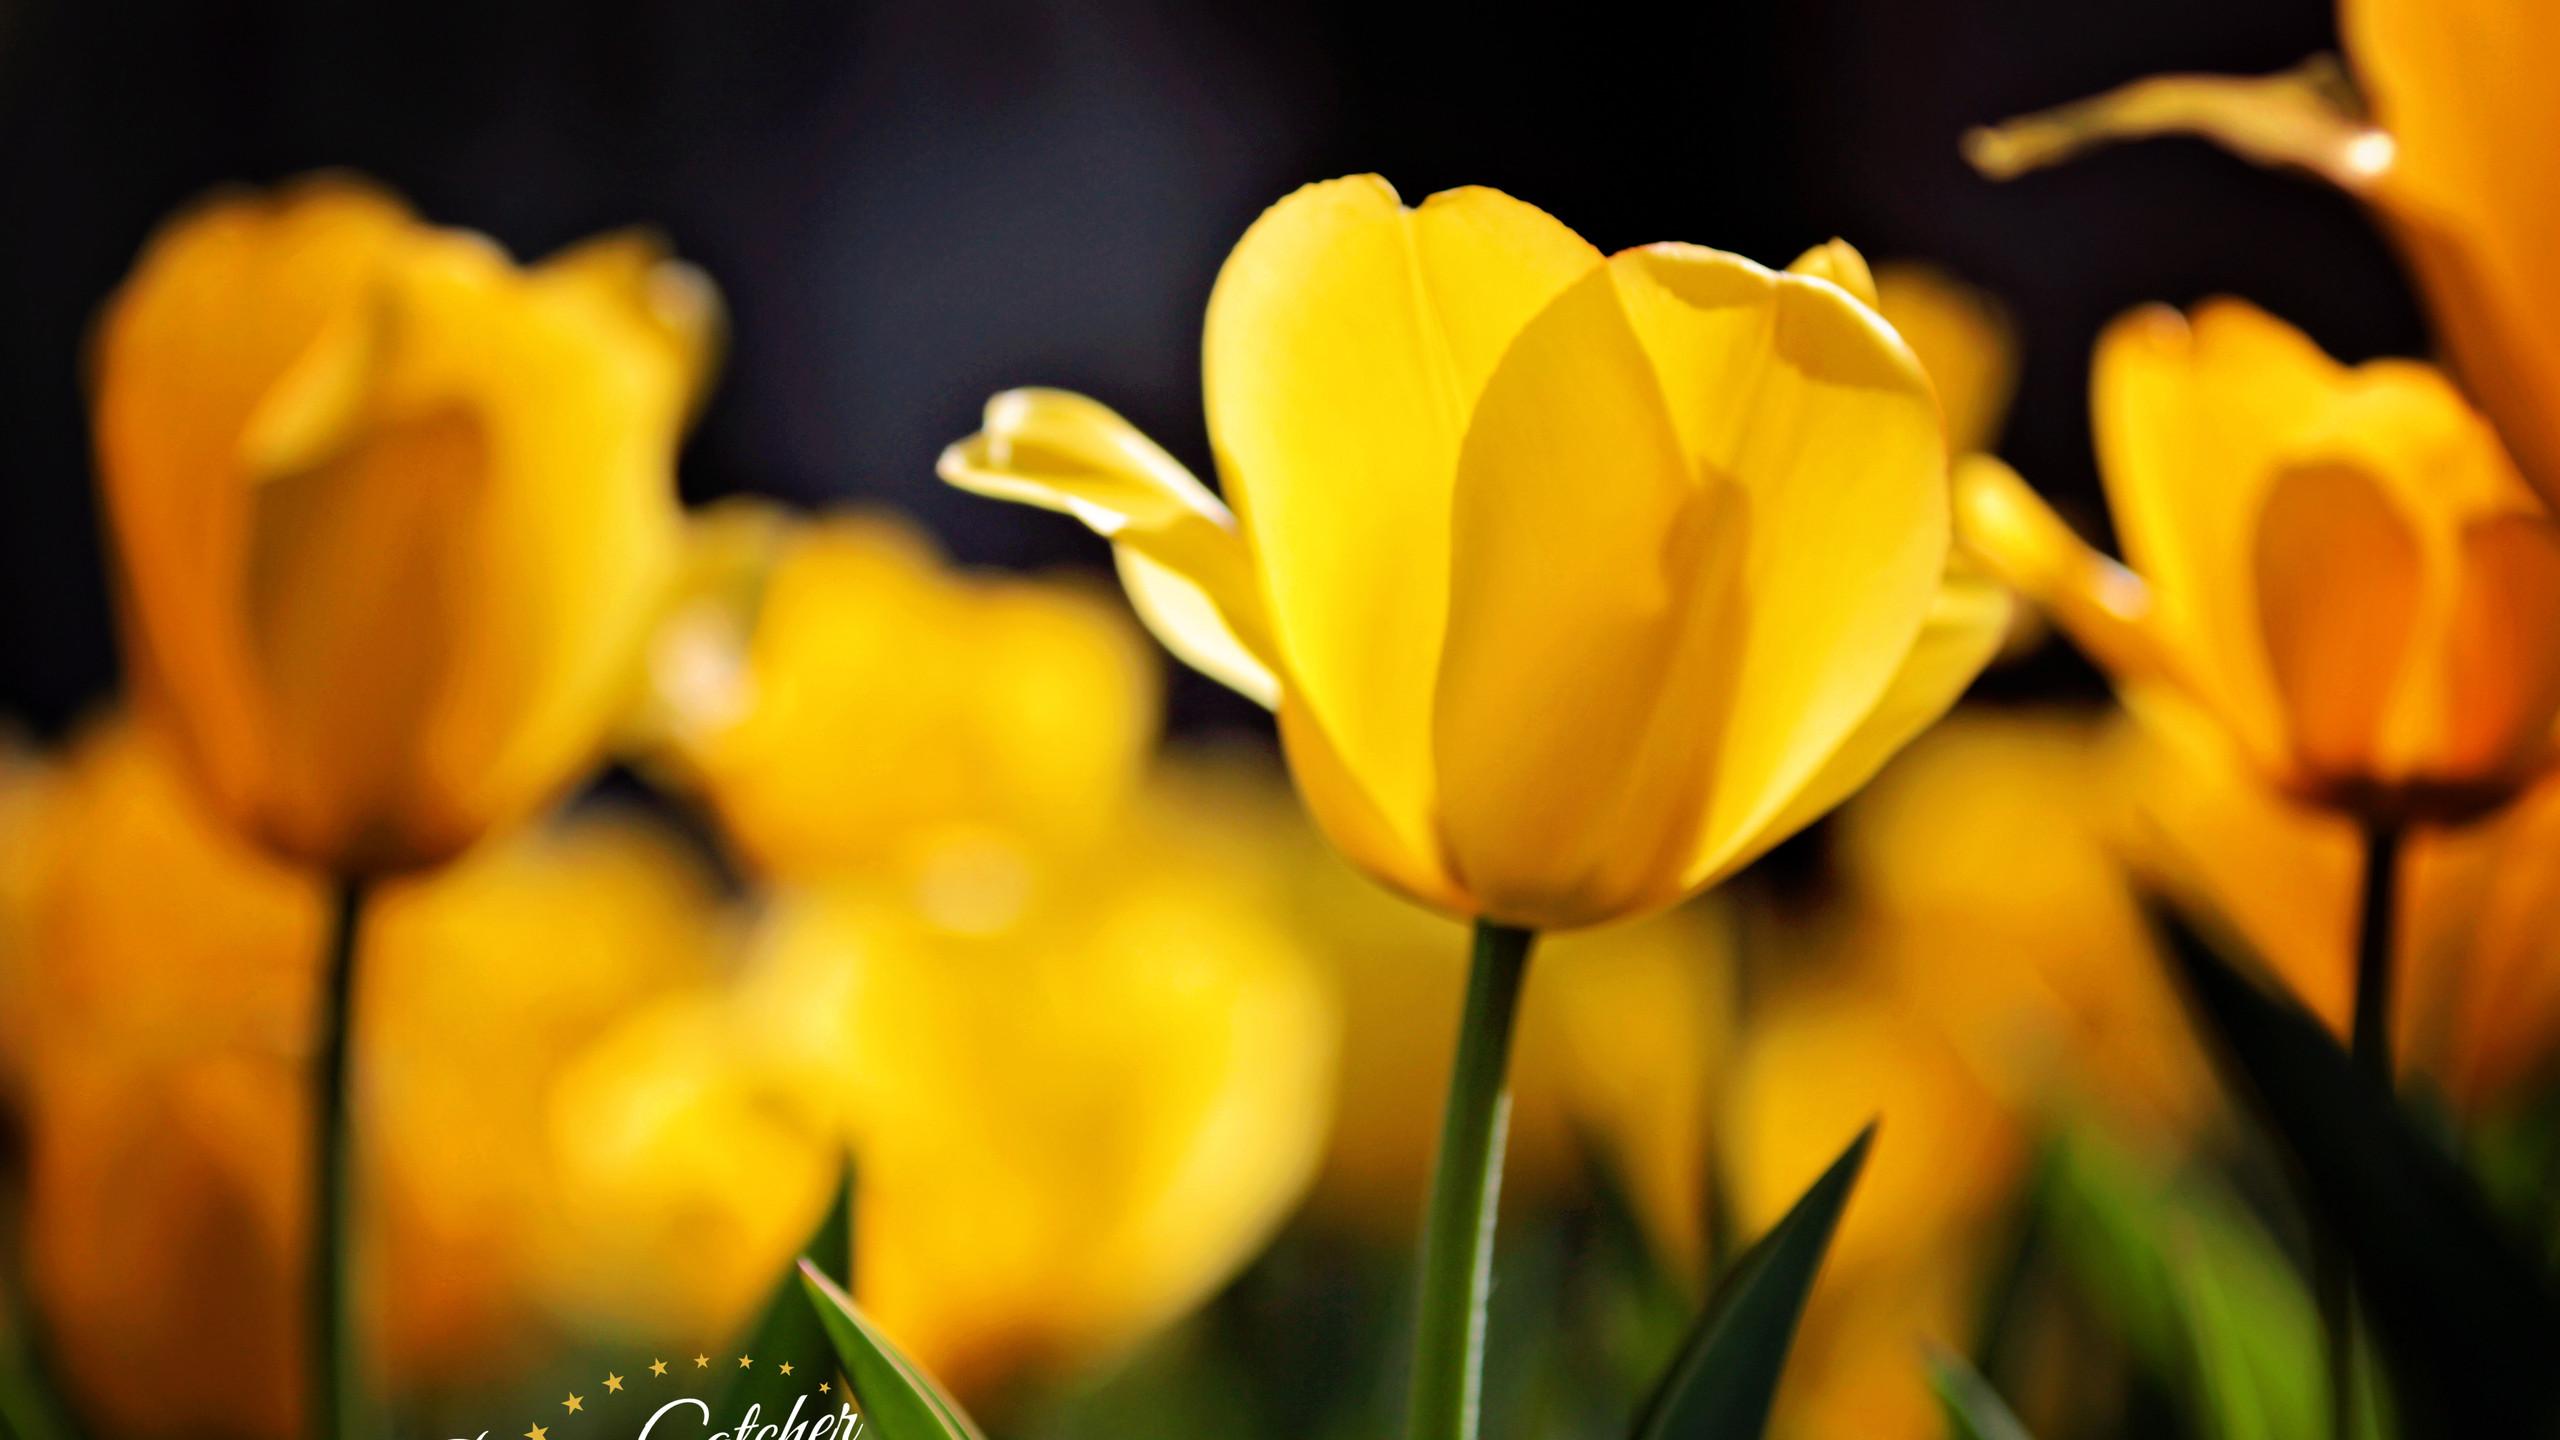 tulipswm7